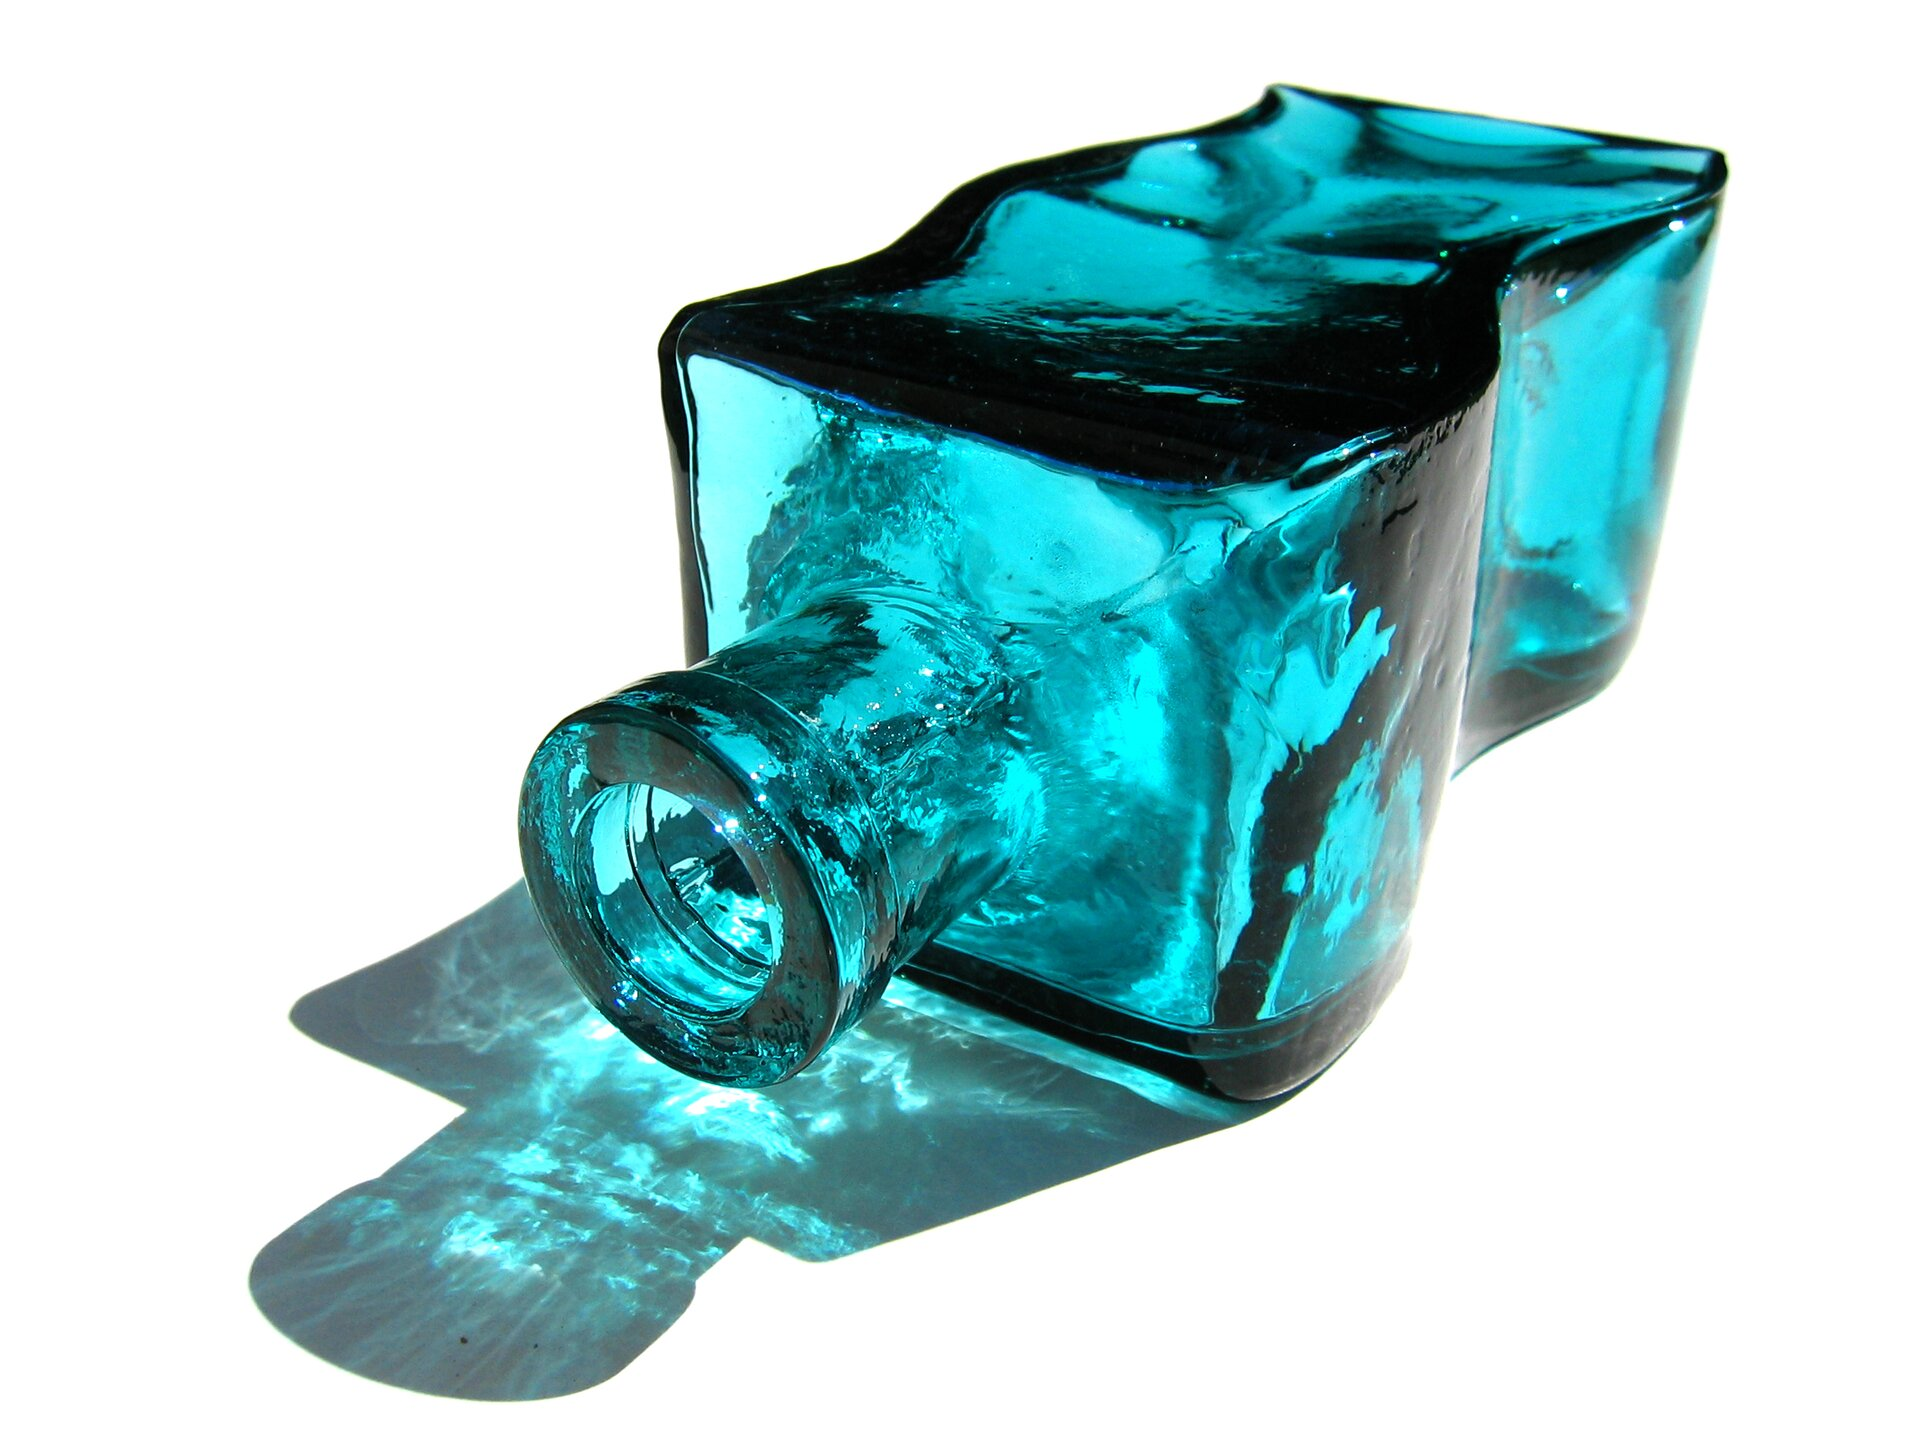 Zdjęcie przedstawia ozdobną butelkę zgrubego, niebieskiego szkła. Butelka ma kształt pofalowany ileży na boku, na białej, płaskiej powierzchni.